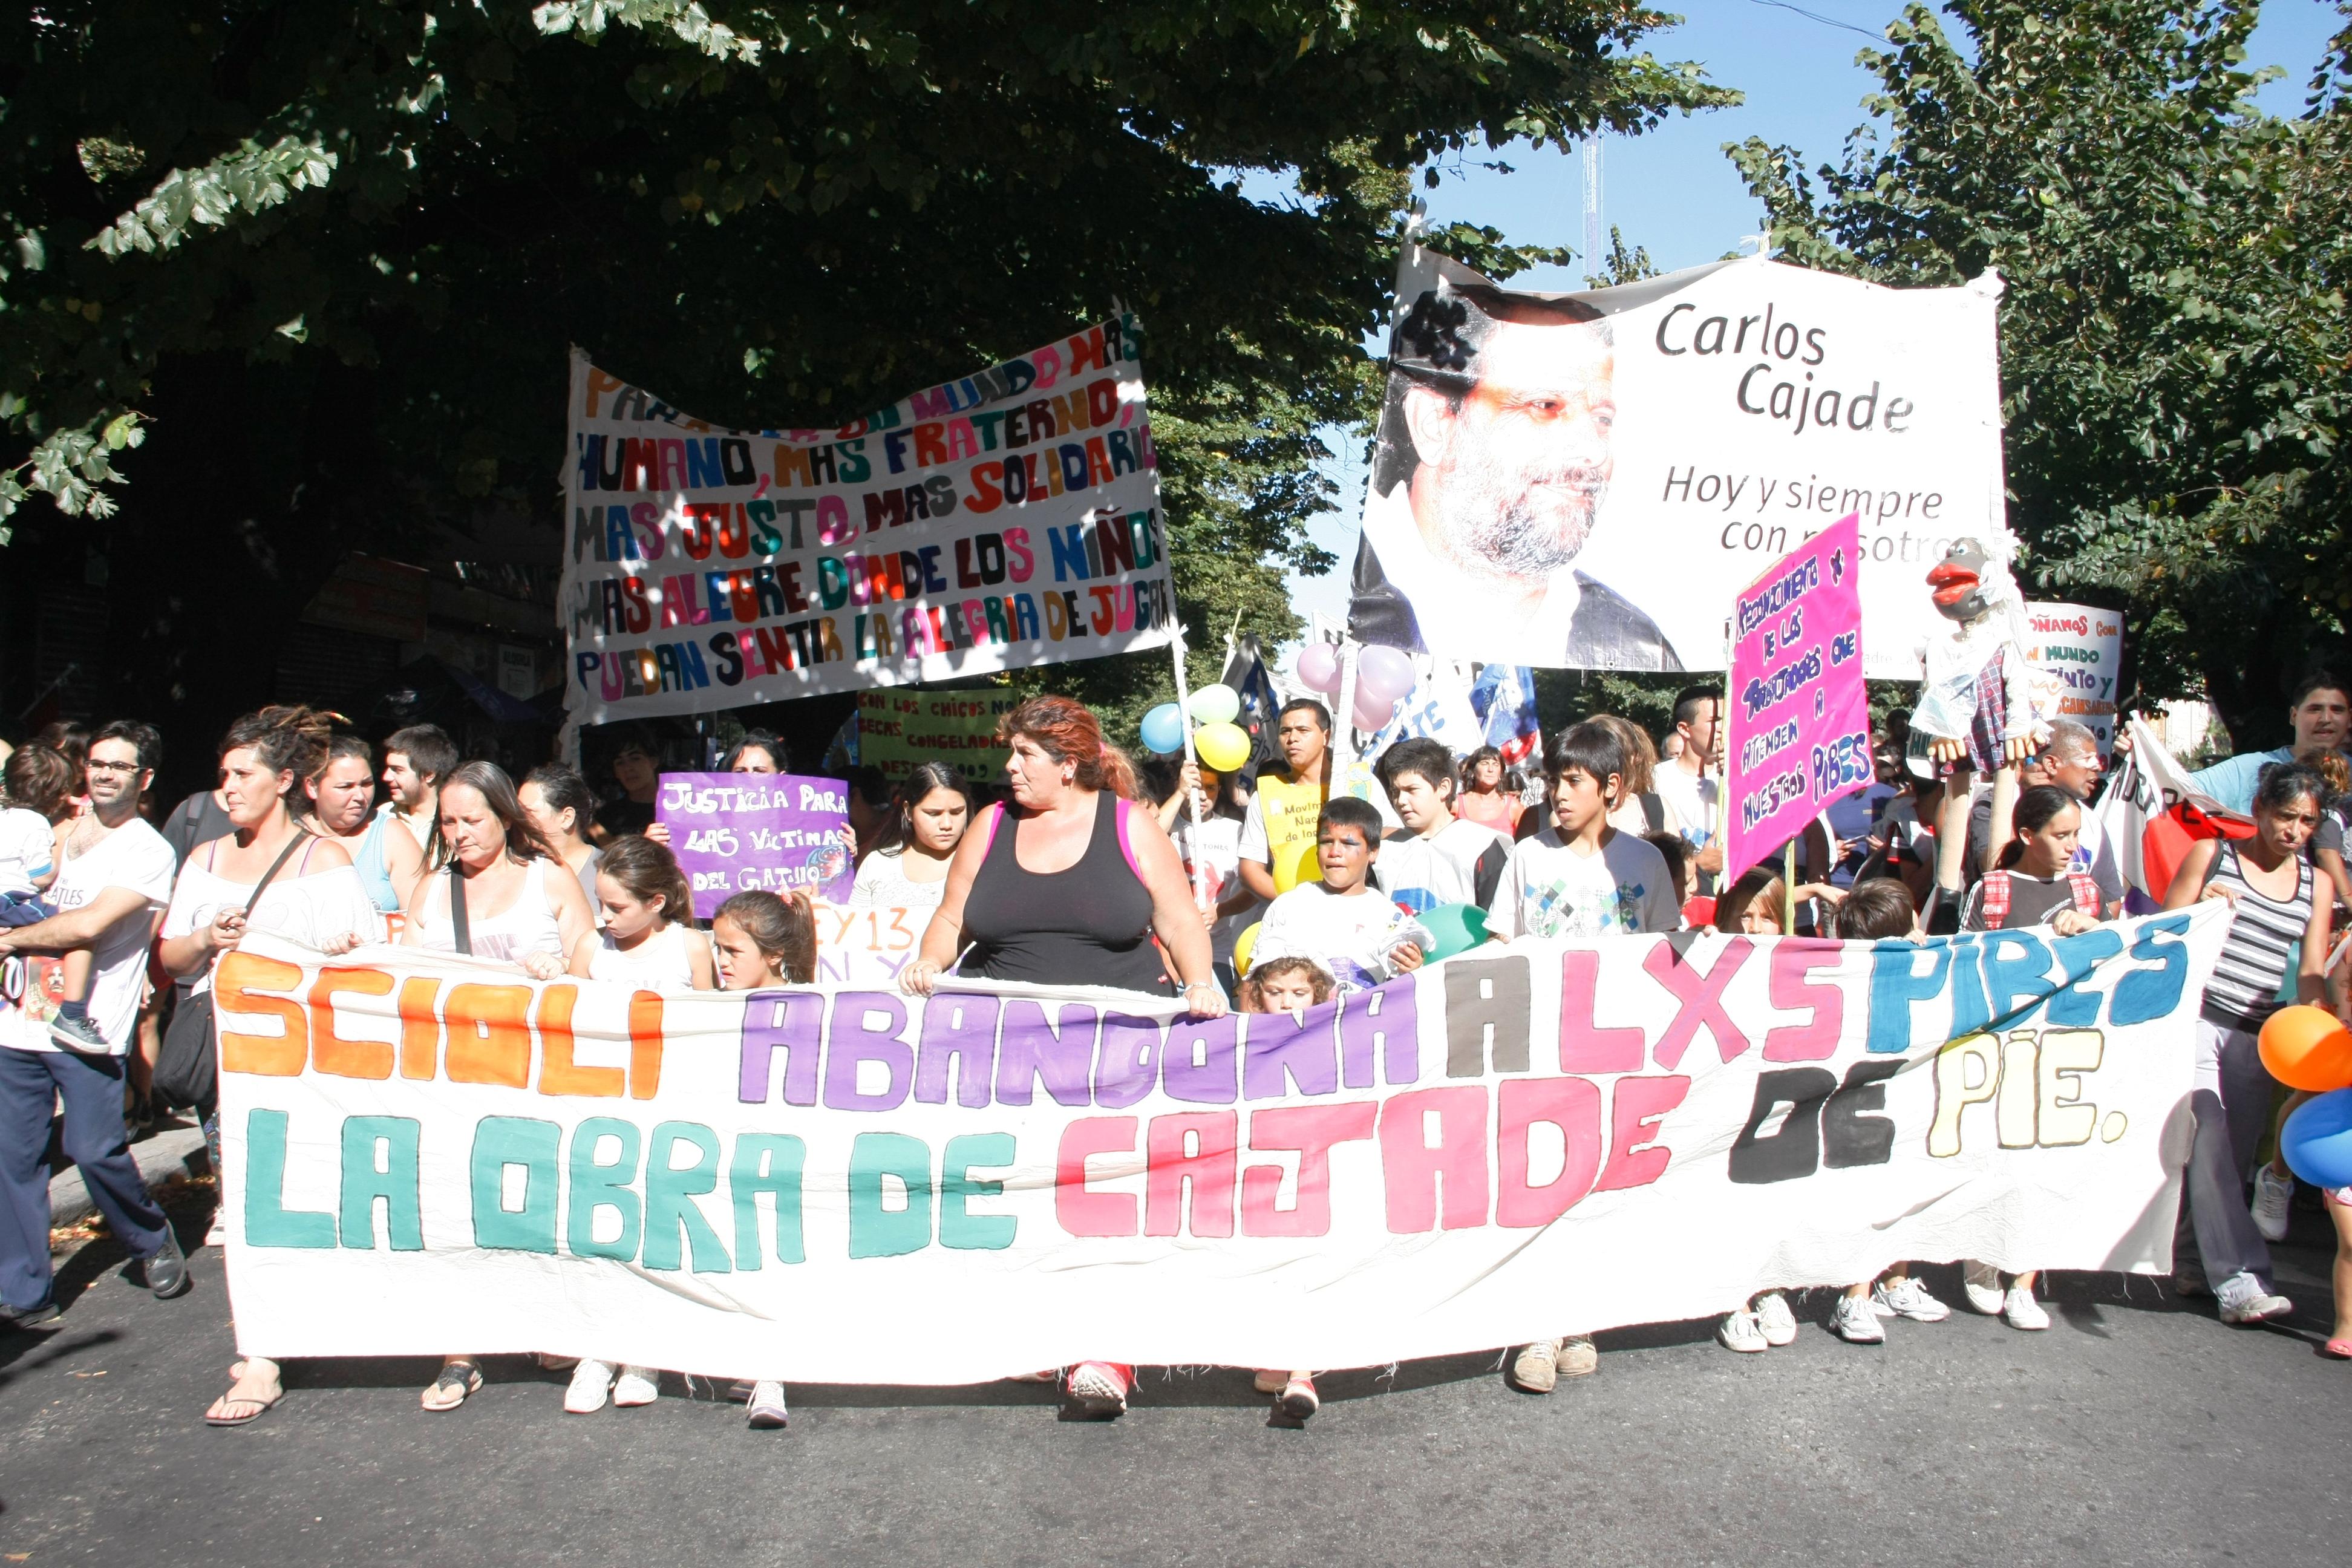 Los pibes de Cajade salieron a la calle para reclamar por sus derechos